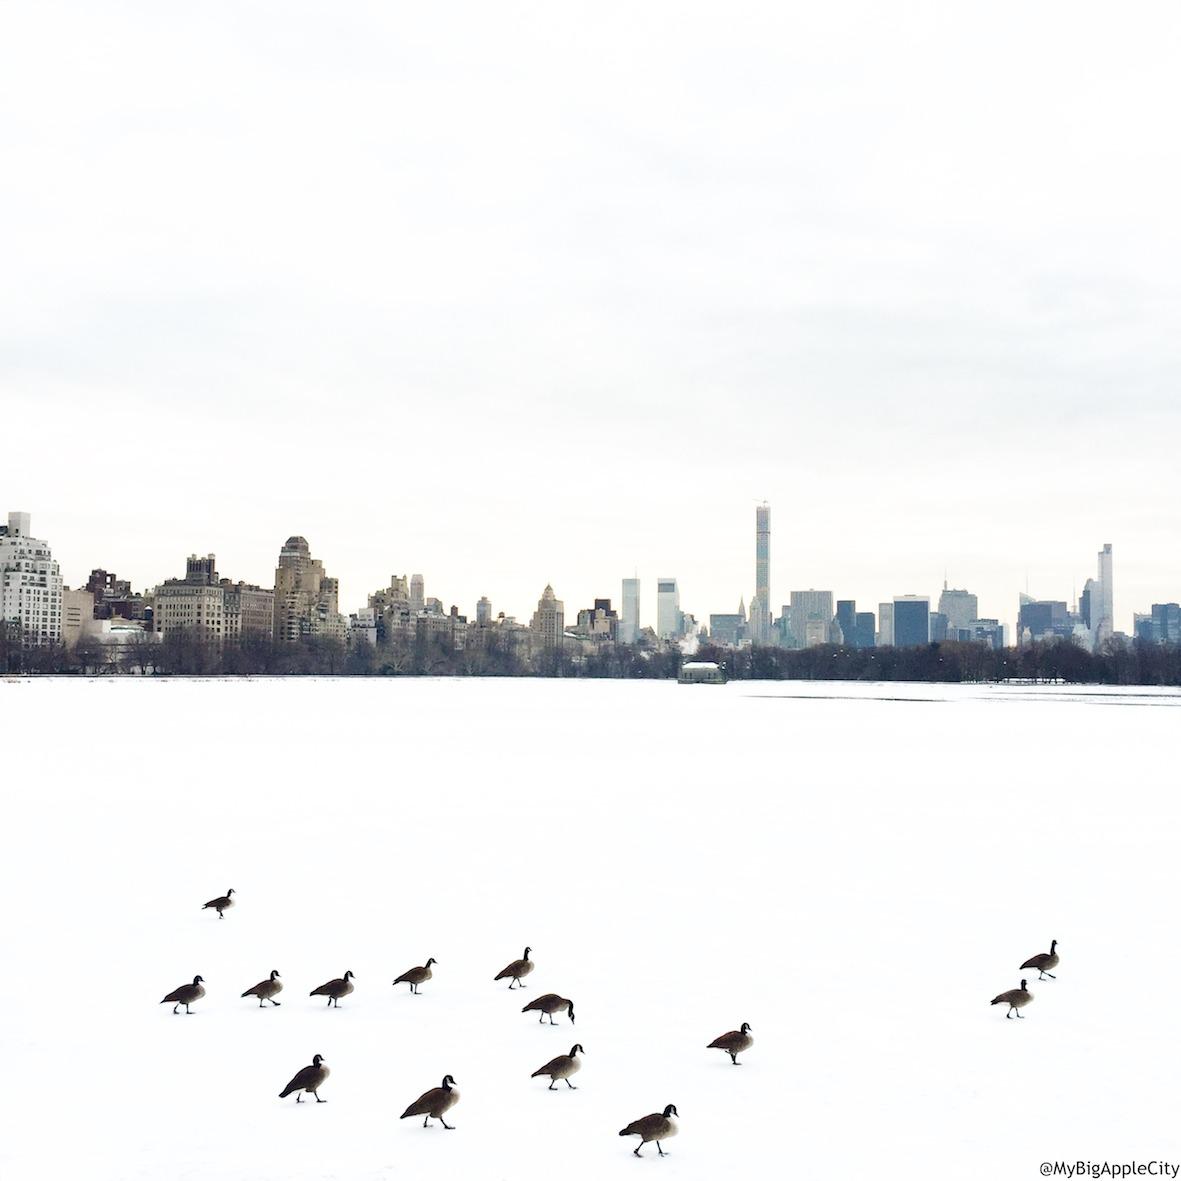 MyBigAppleCity-new-york-blog-travel-centralpark